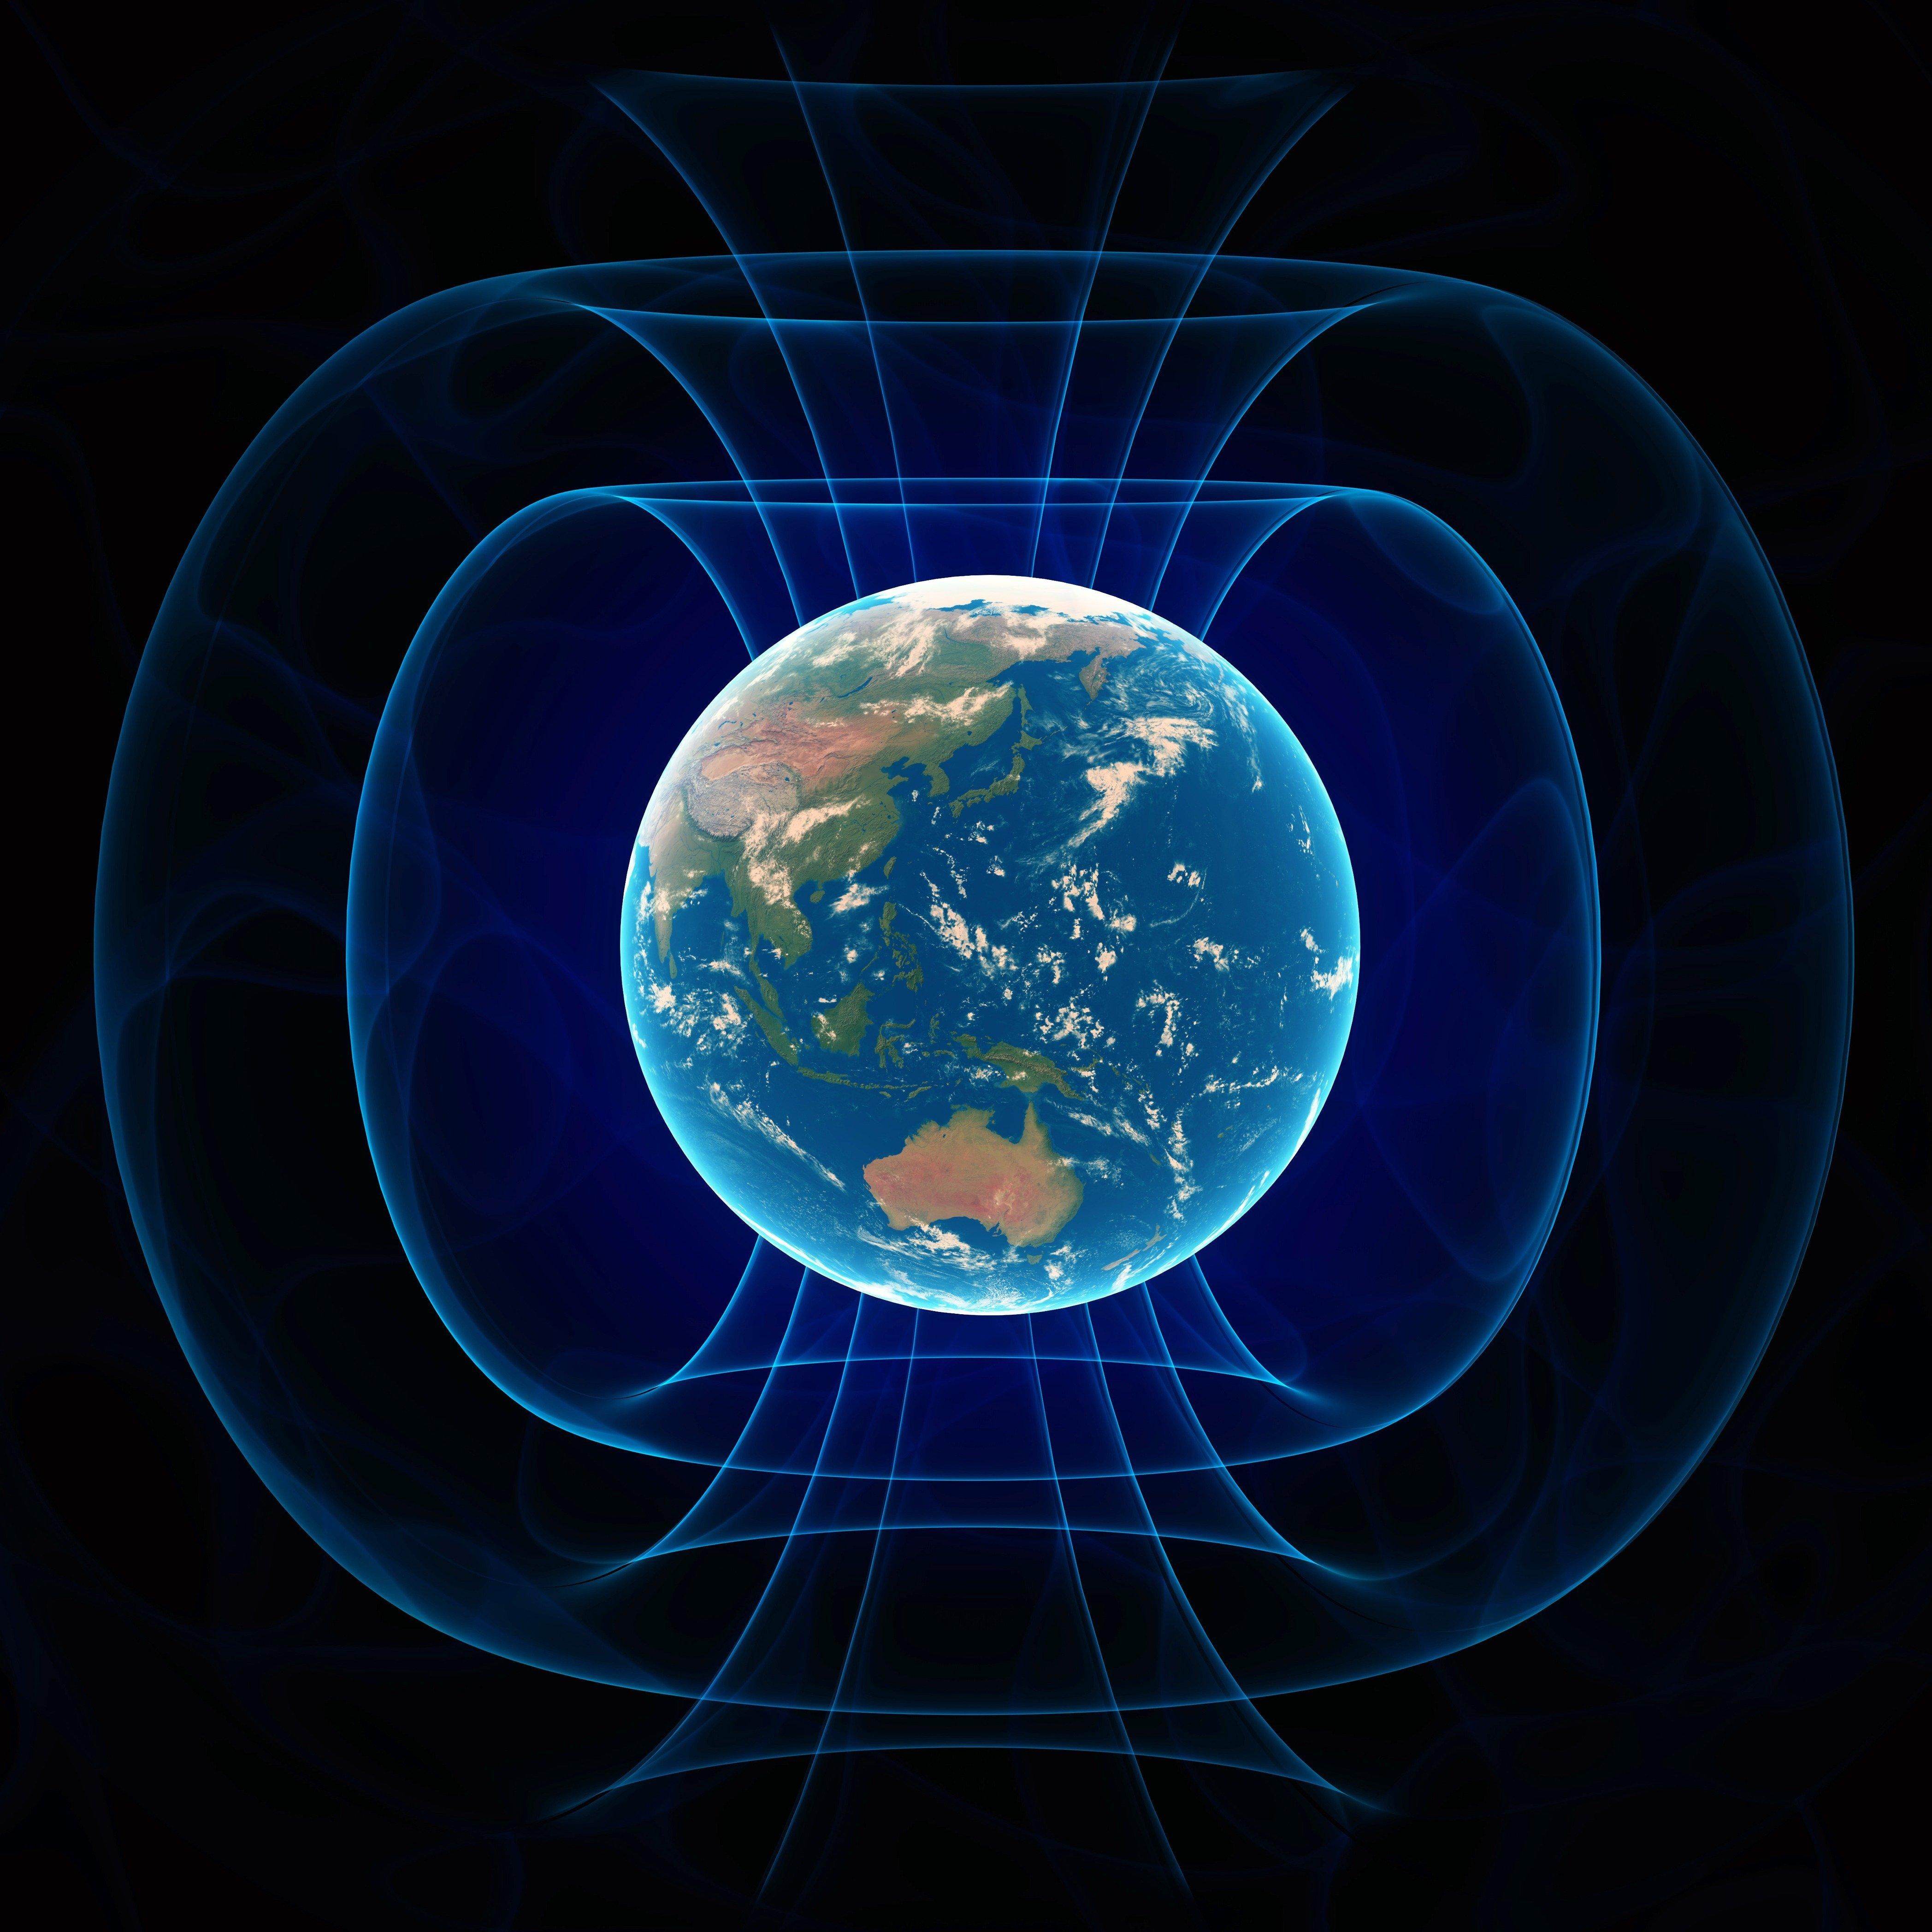 Ενδείξεις πως ο ανθρώπινος εγκέφαλος μπορεί να αισθανθεί το μαγνητικό πεδίο της